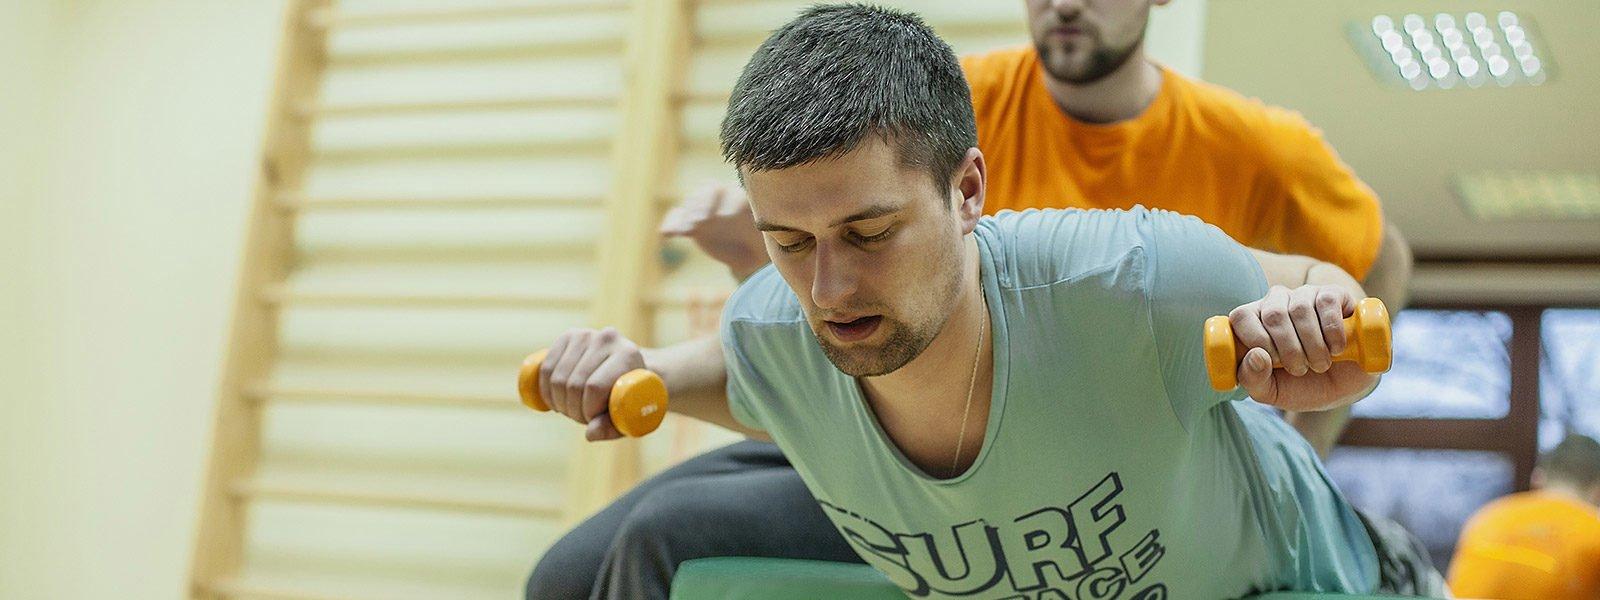 Індивідуальні заняття з фізичної реабілітації